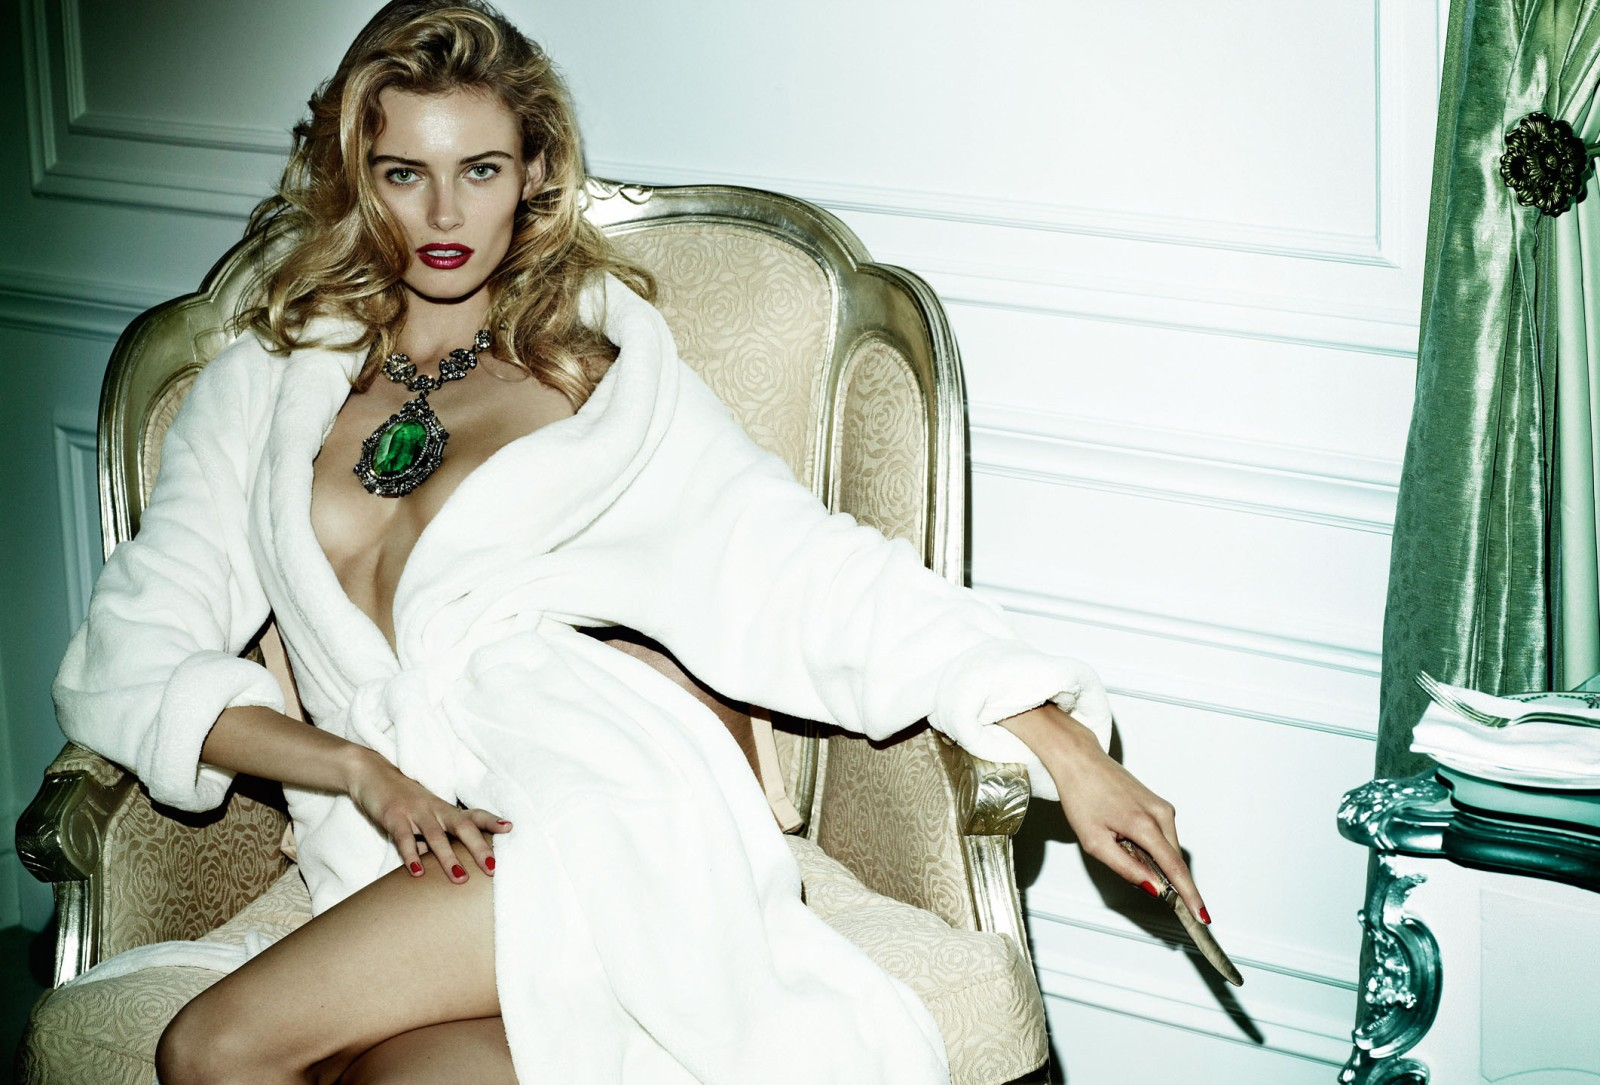 http://1.bp.blogspot.com/-JtYJucZxjyA/UTB03bIzI0I/AAAAAAAAQAY/Xi13fod4GXo/s1600/Allure-Testino-Fashiontography-01.jpg